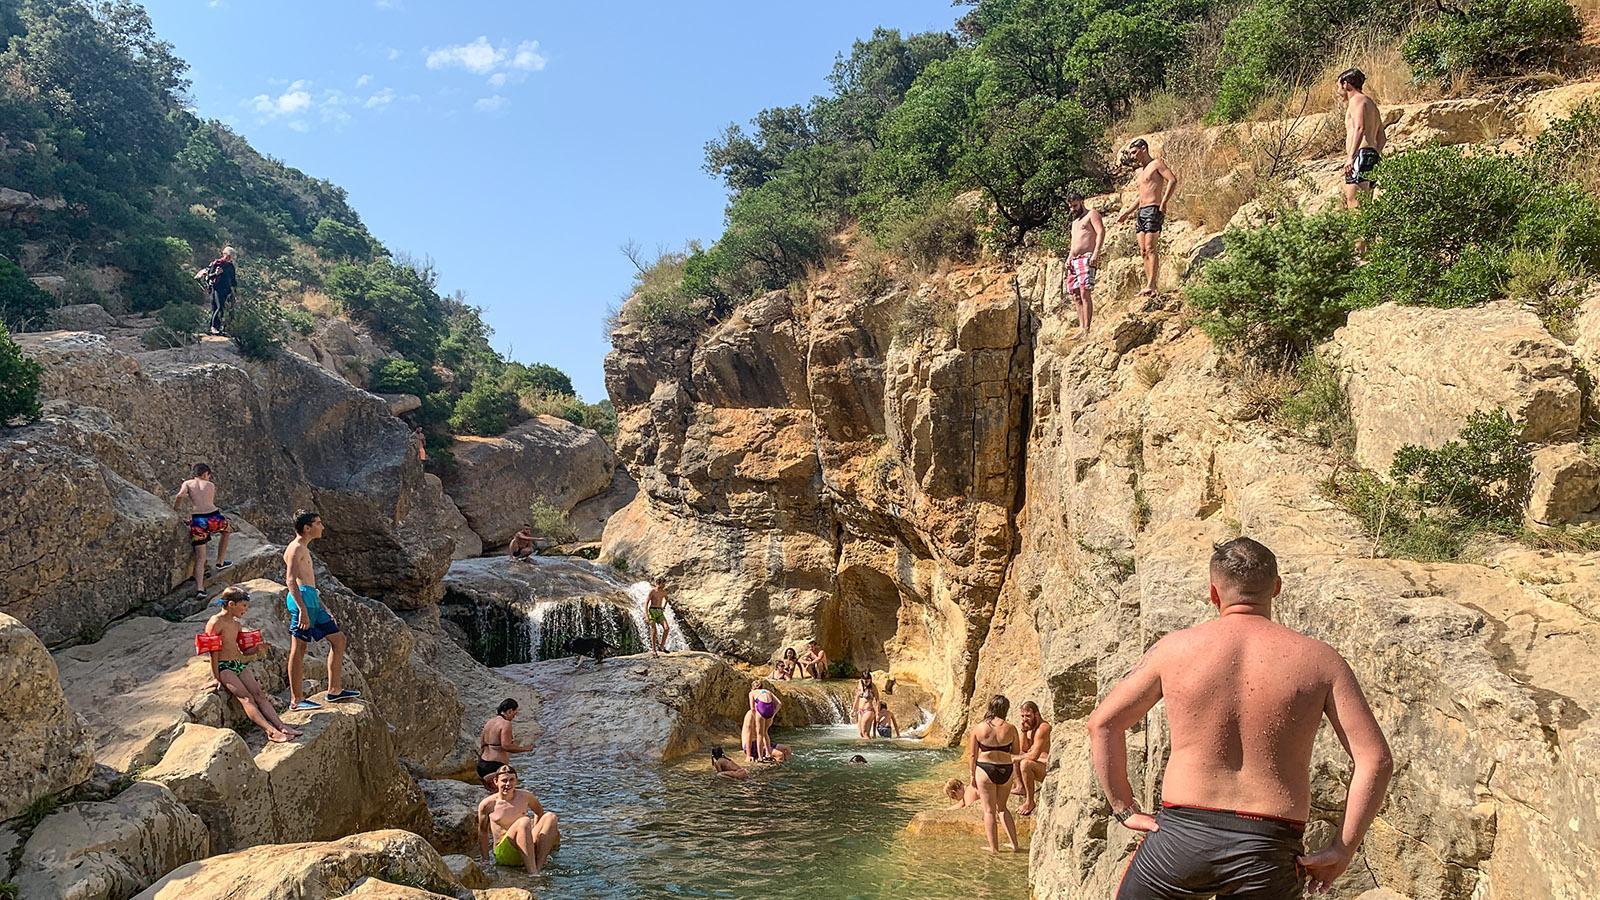 Wer hier springt, muss genau aufpassen –es gibt Felsen auch unter der Wasseroberfläche. Foto: Hilke Maunder